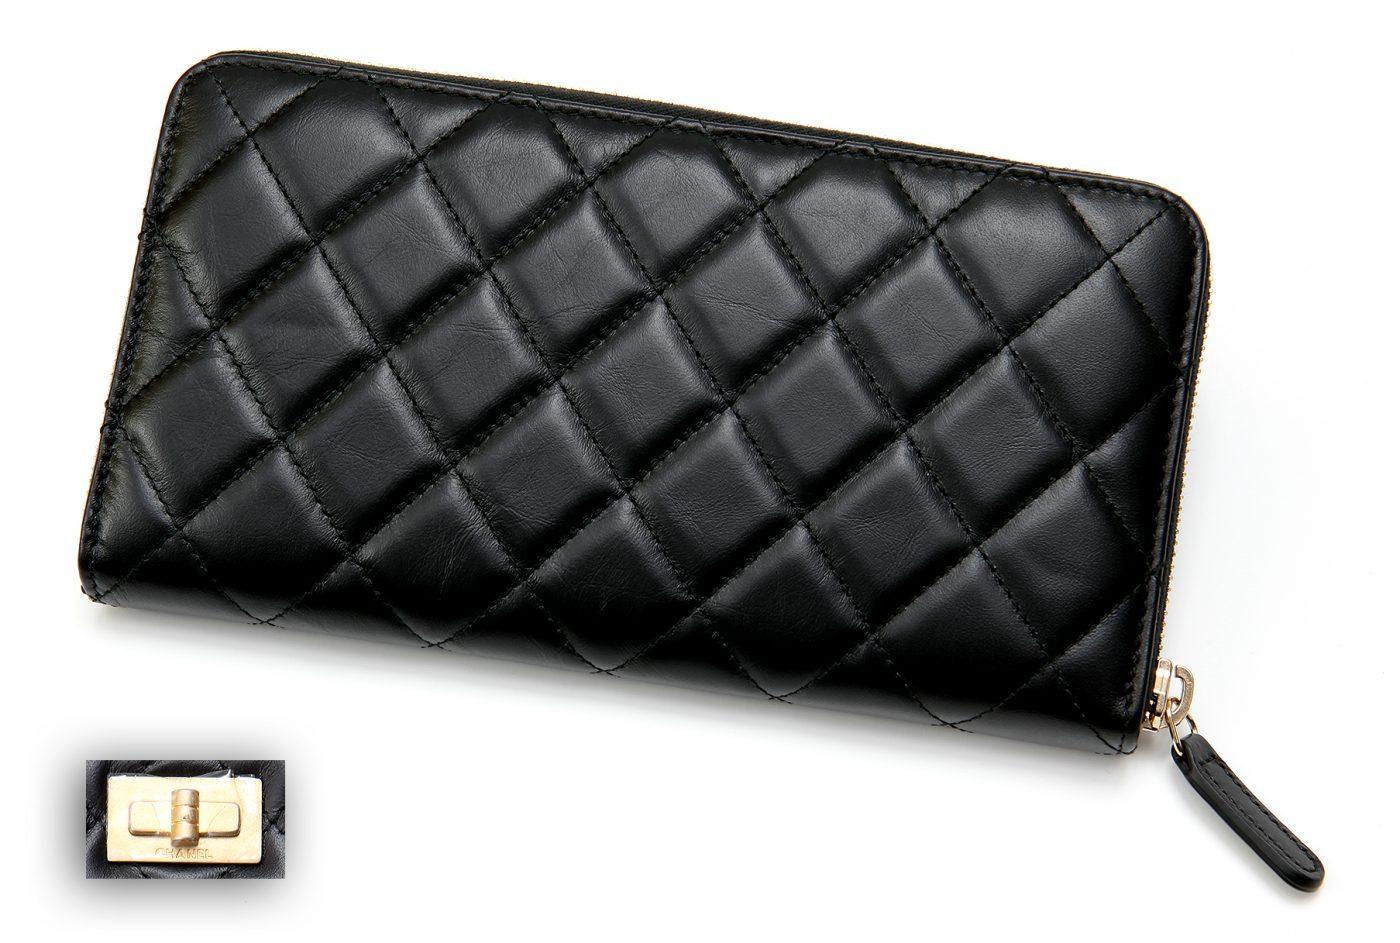 6cc98c3b57ef シャネル CHANEL レディース ココマーク チェーンウォレット キャビア 長財布 ブラック ゴールド 小物 新品 正規品. 大人気 ブランドCHANELの長財布のご紹介です。